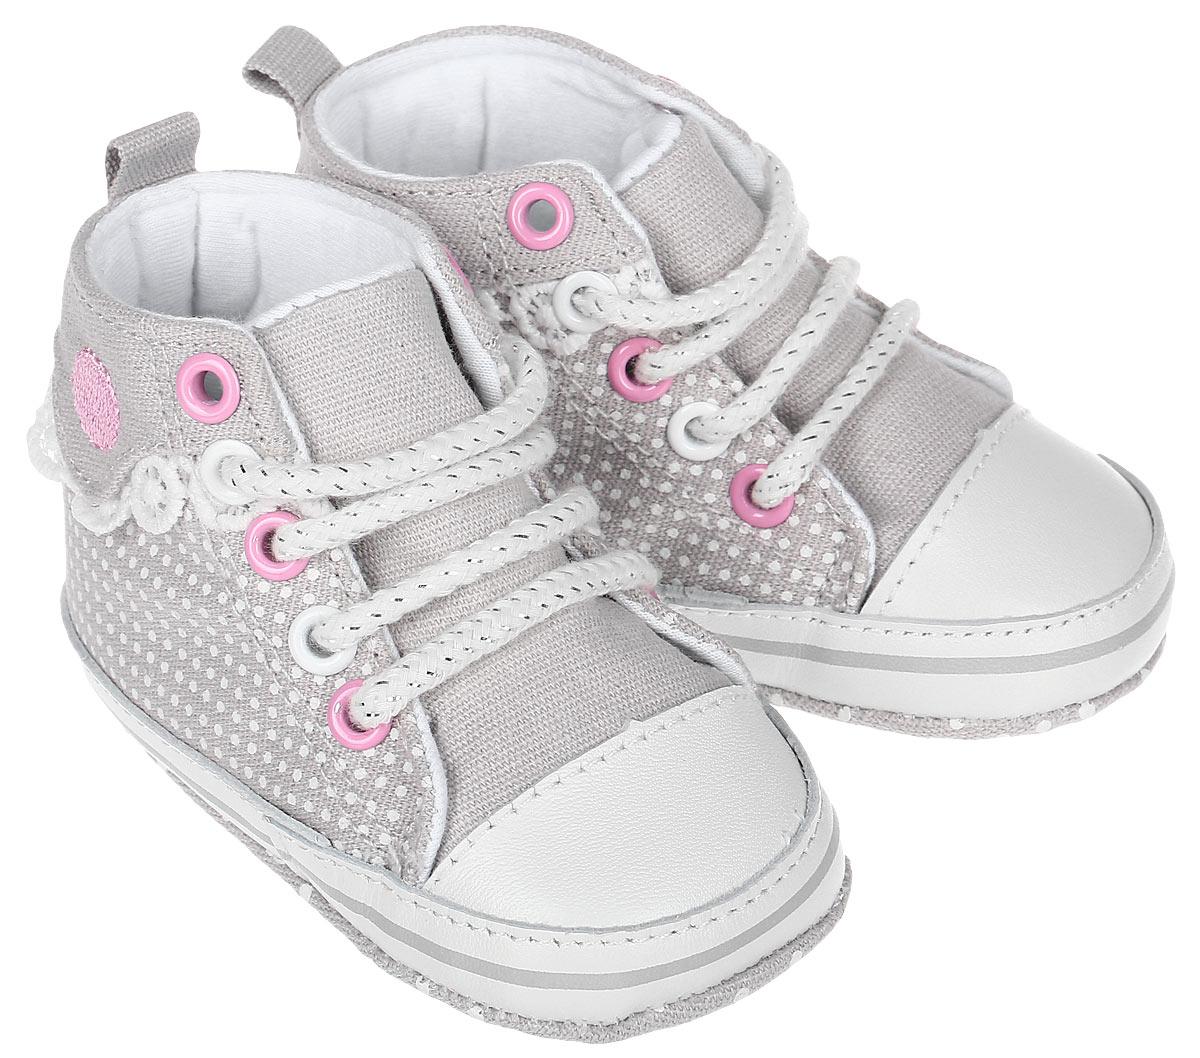 Пинетки для девочки Kapika, цвет: светло-серый, белый, розовый. 10120. Размер 18 пинетки митенки blue penguin puku